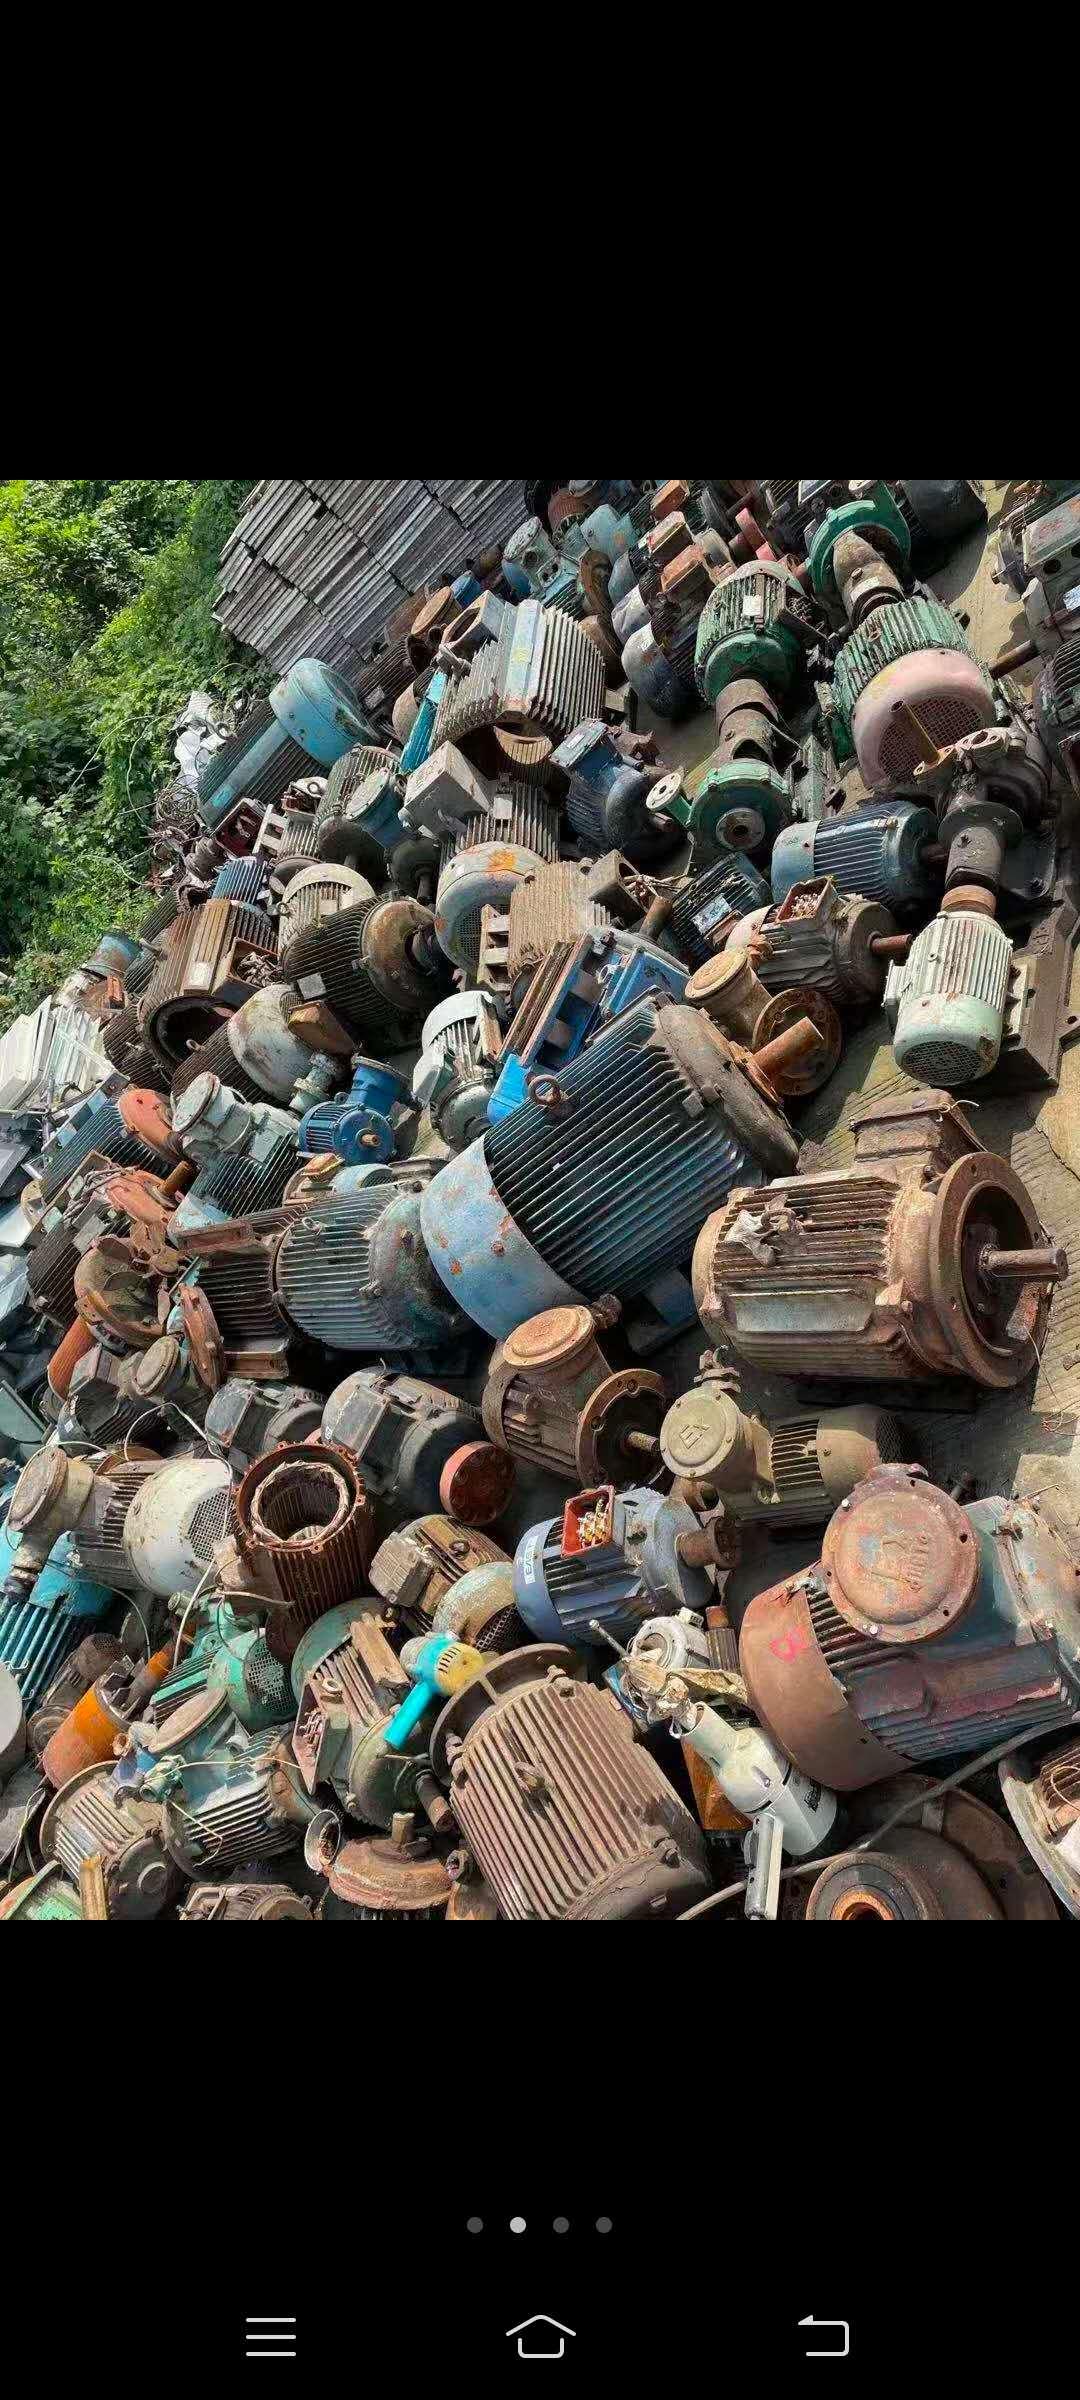 废品回收行业的市场究竟有多大?—常州废品回收